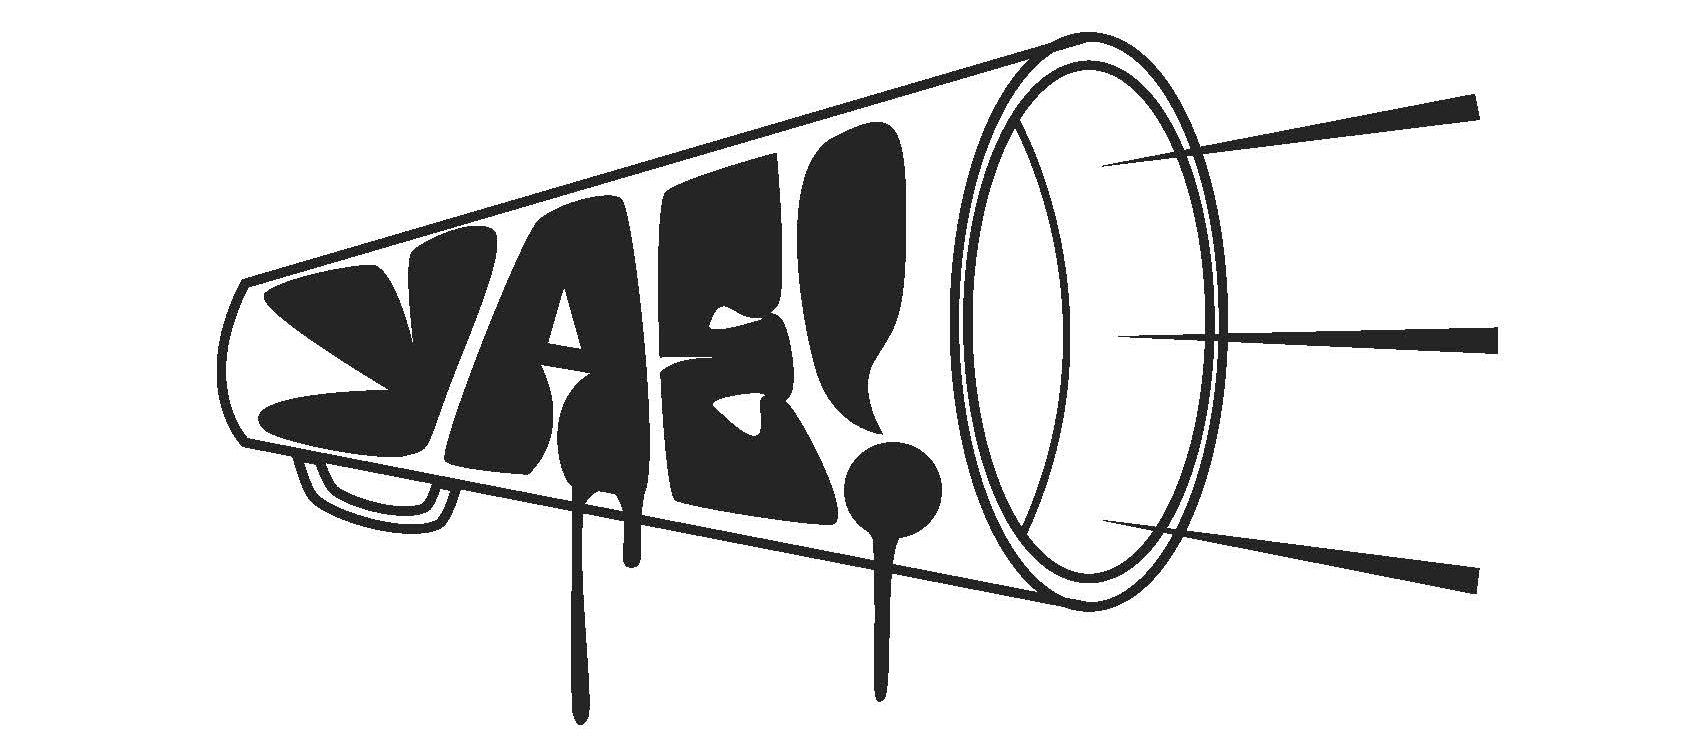 Yae logo.jpg